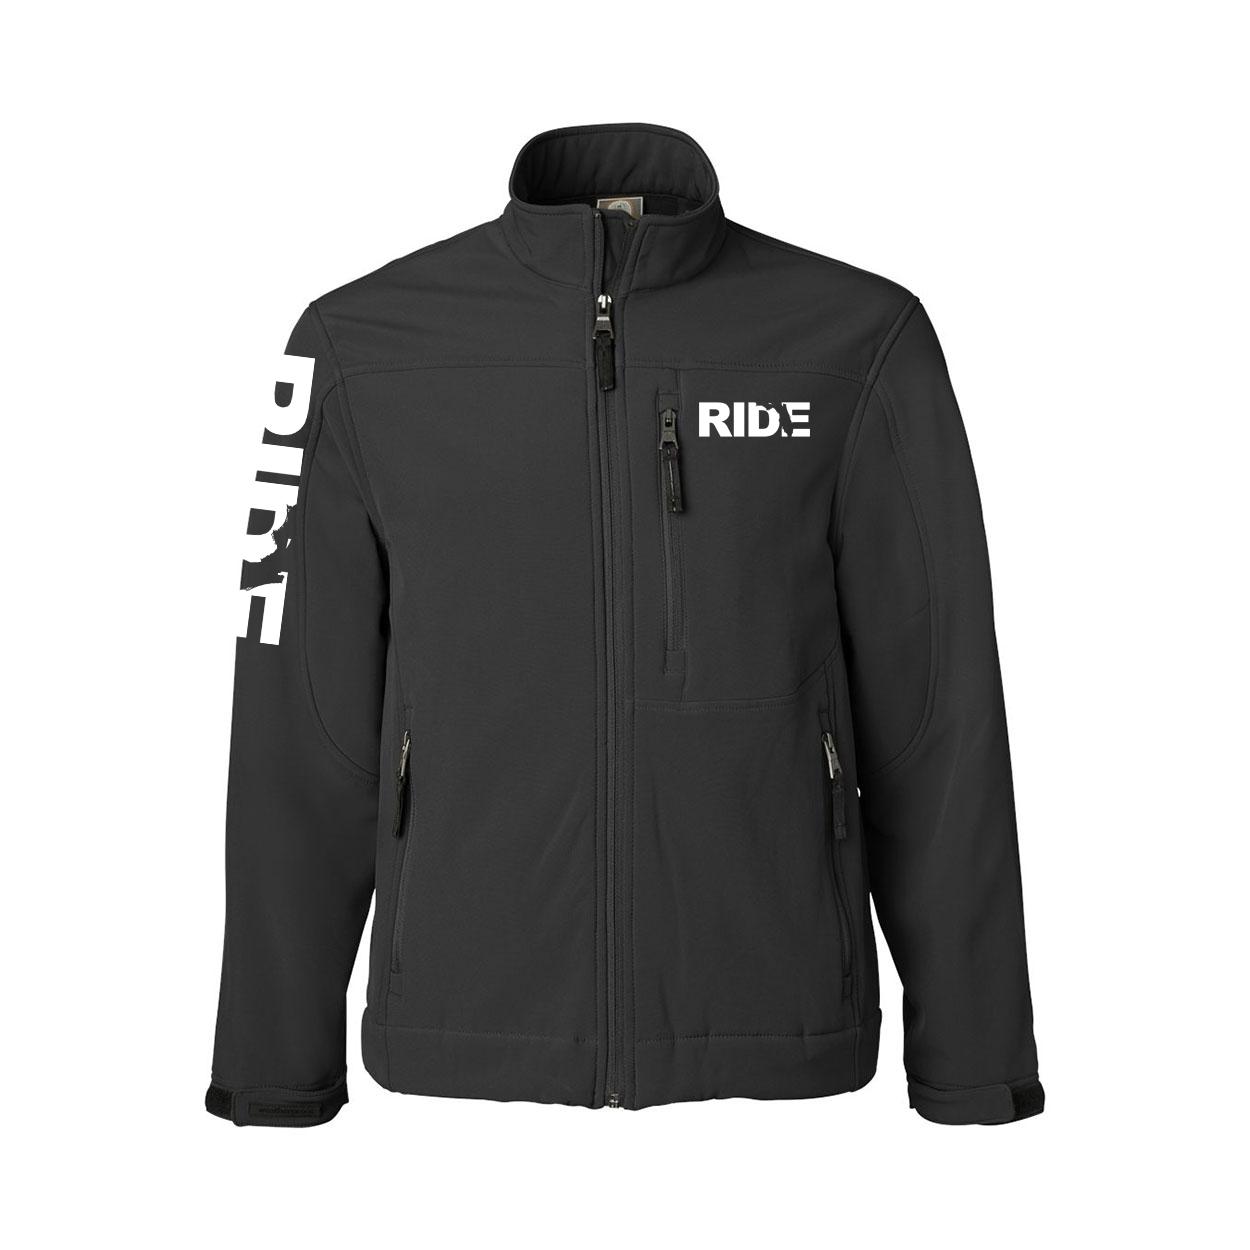 Ride Florida Classic Soft Shell Weatherproof Jacket